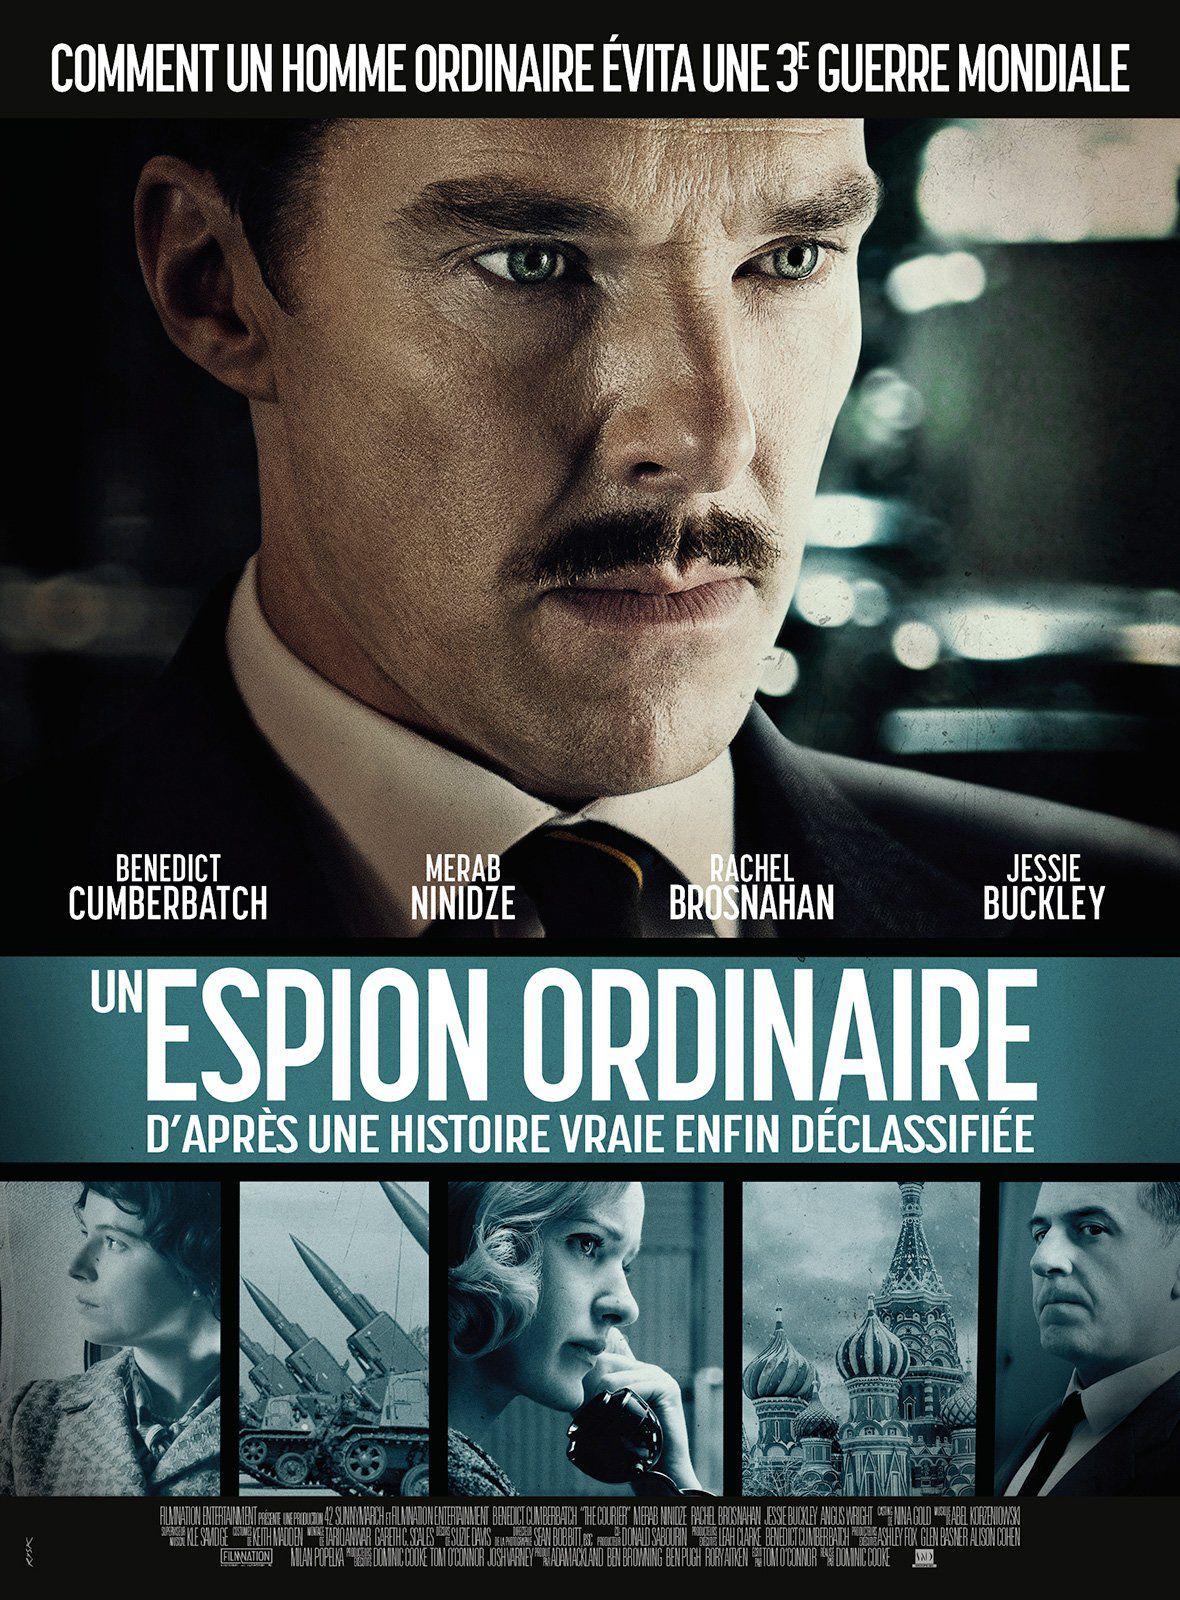 Un espion ordinaire - Film (2020)